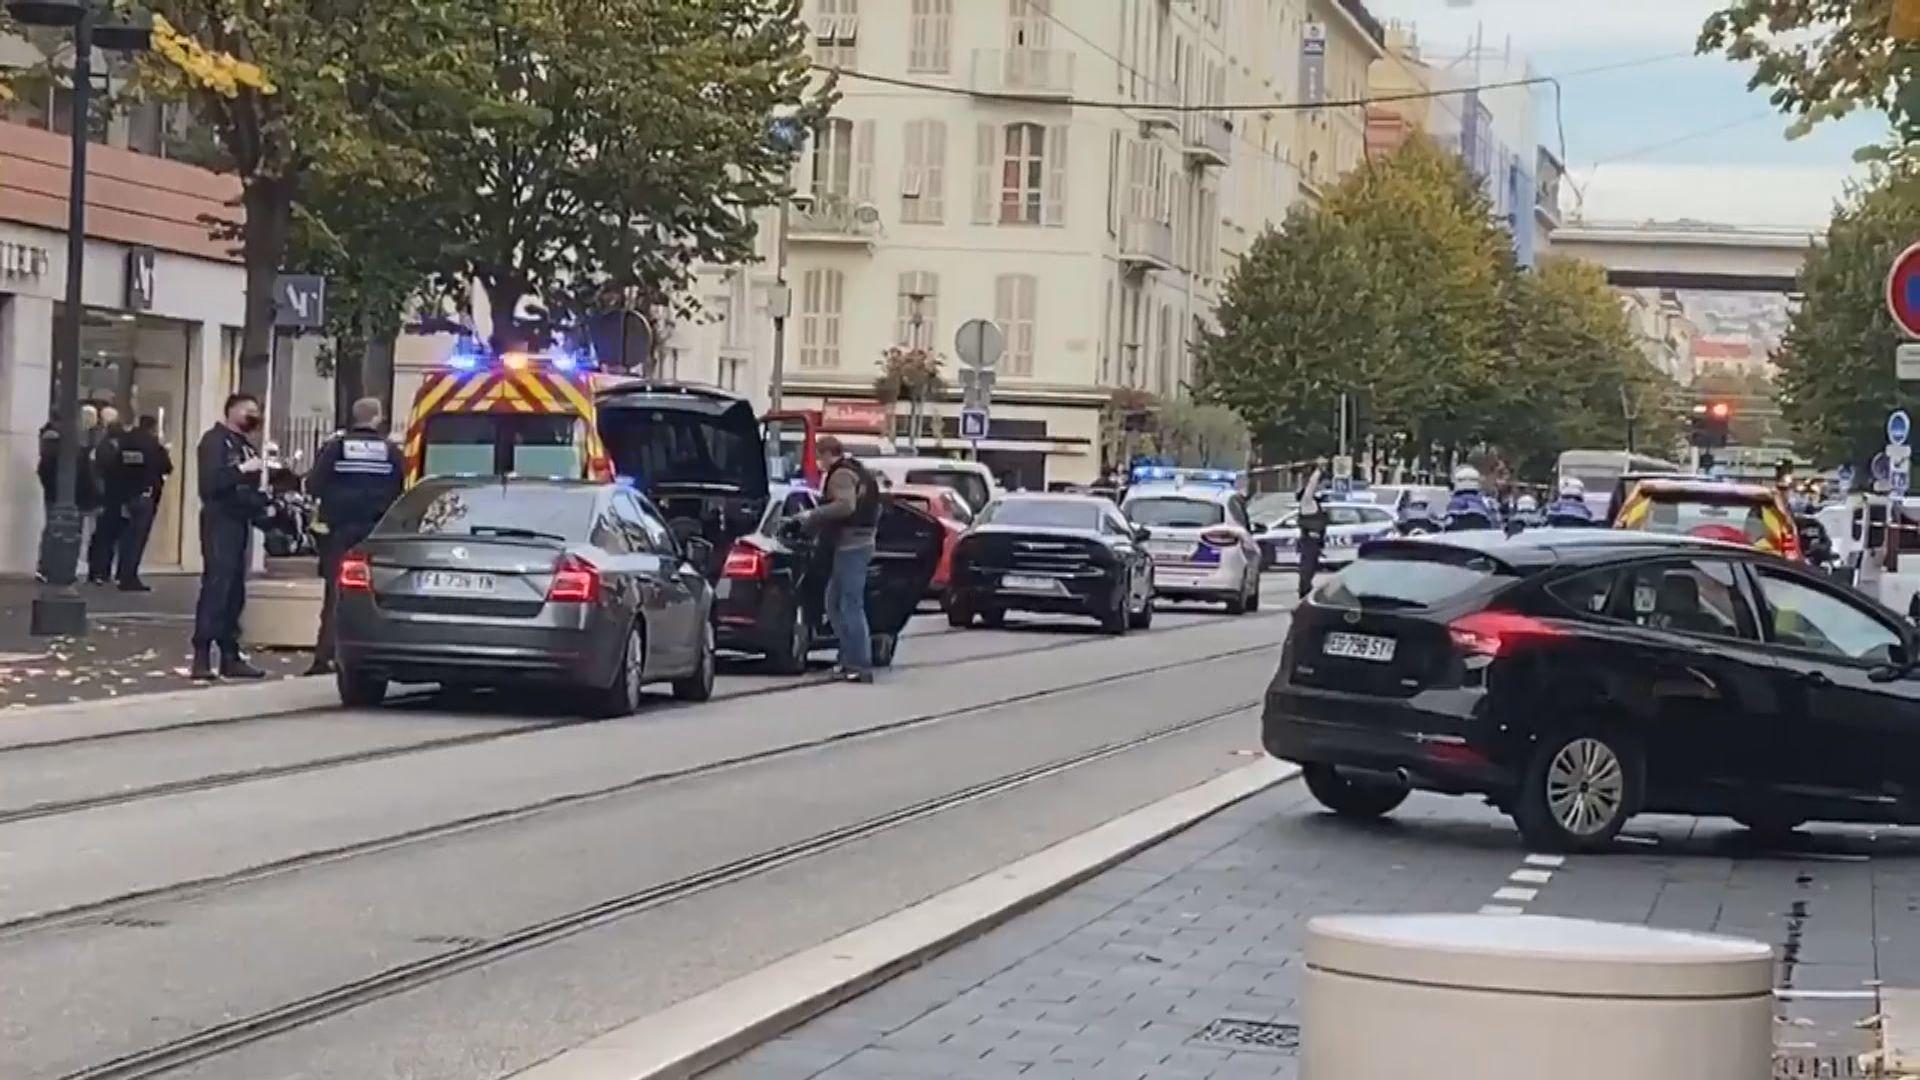 法國尼斯發生持刀襲擊案 三死多傷